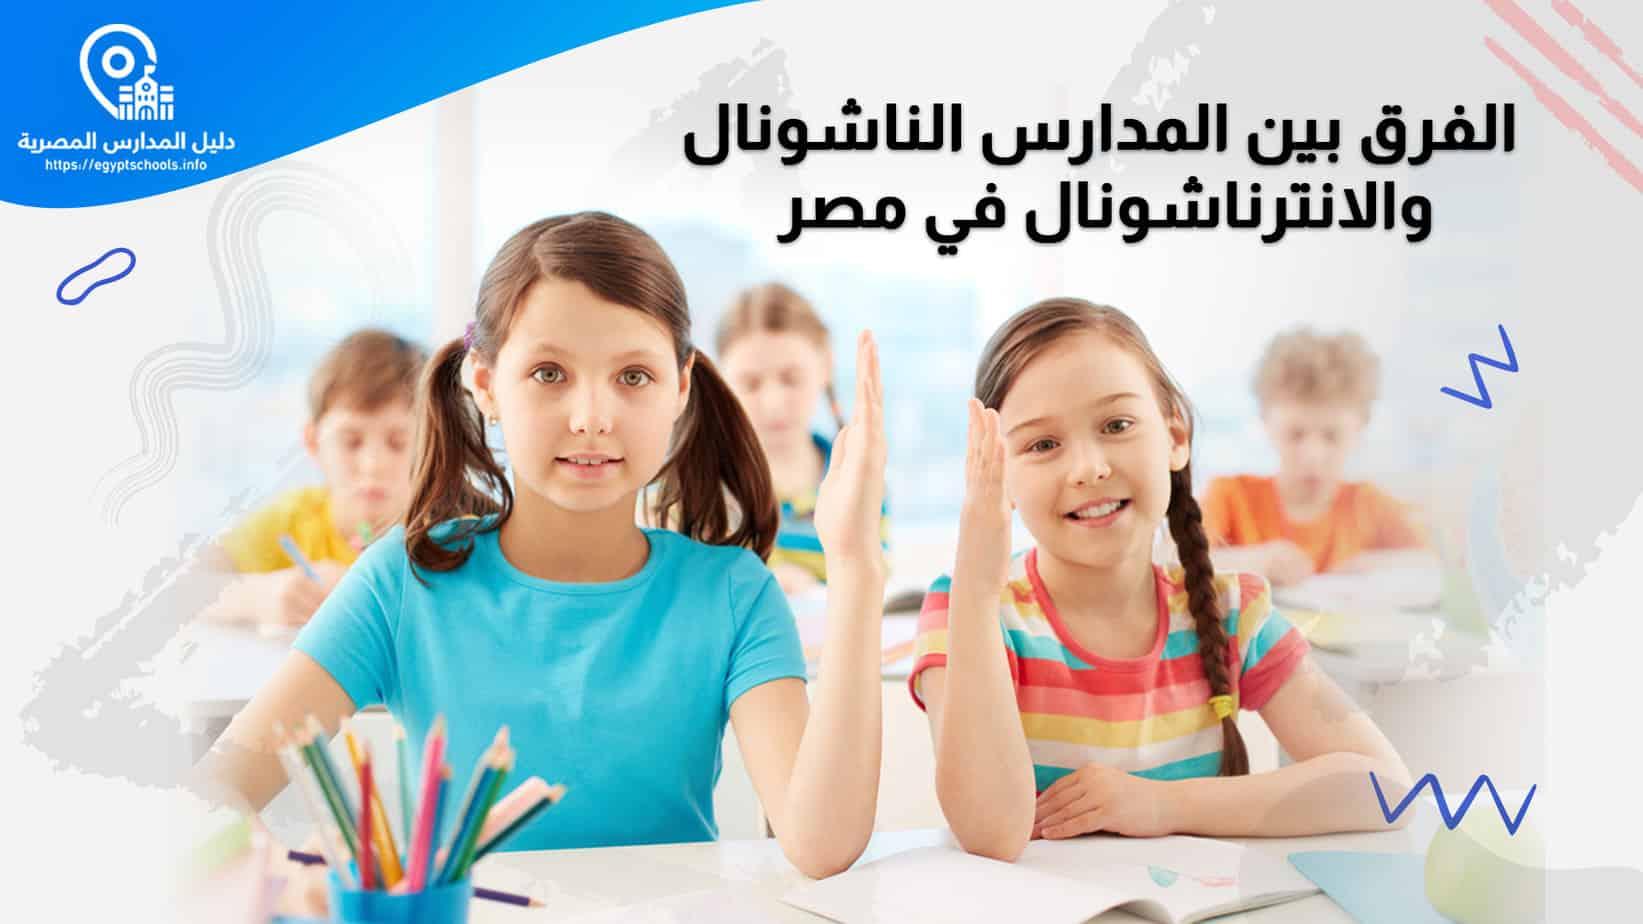 الفرق بين المدارس الناشونال والانترناشونال في مصر